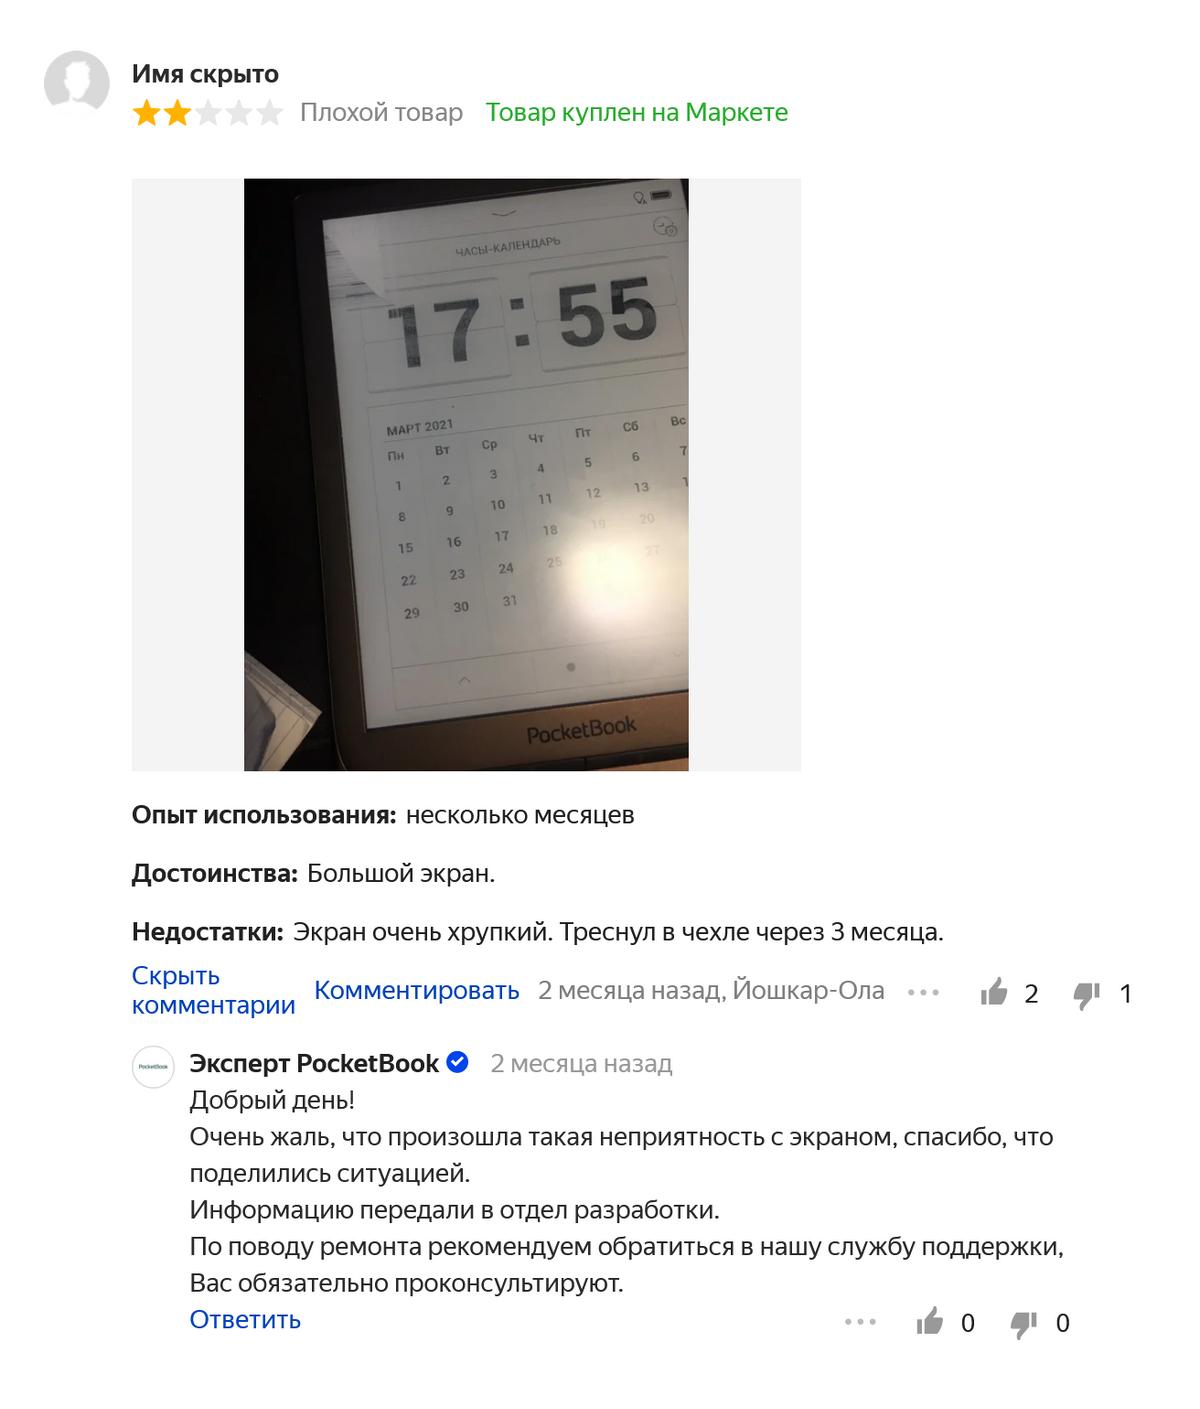 На многих площадках оставлять комментарии котзыву могут нетолько продавцы, ноидругие пользователи. Источник: «Яндекс-маркет»